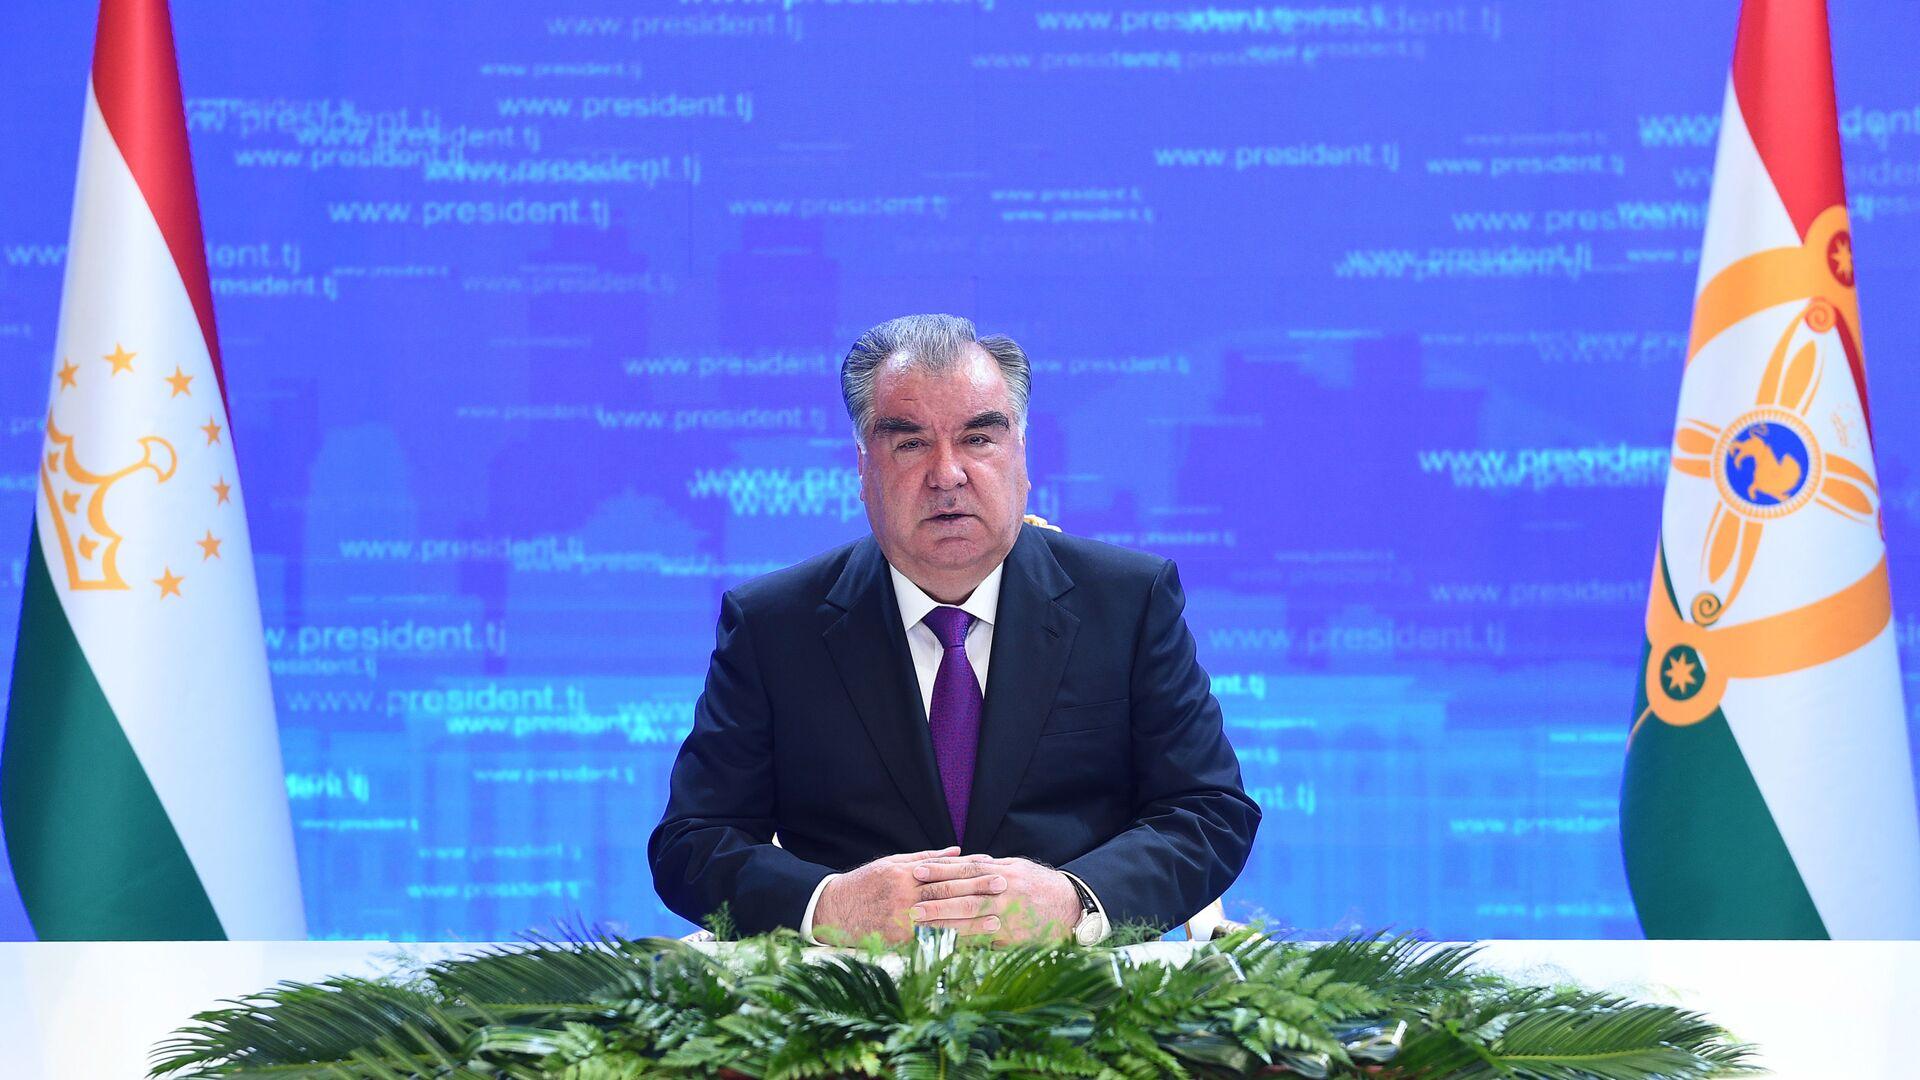 Президент Таджикистана Эмомали Рахмон - Sputnik Таджикистан, 1920, 12.05.2021